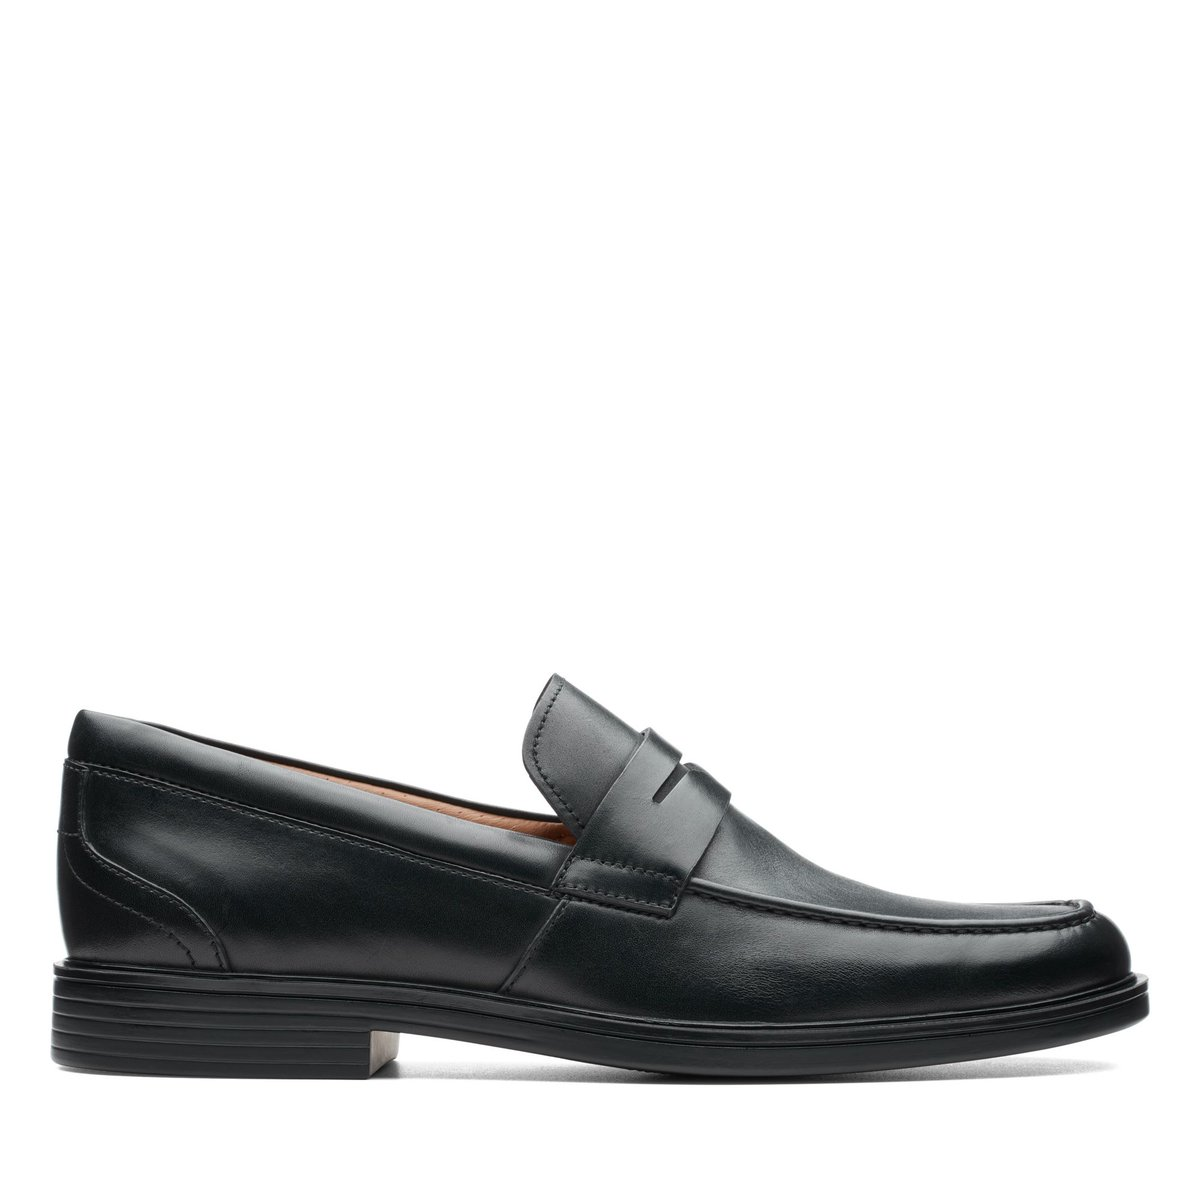 -30% sur Un Aldric Step chez Clarks    #mode #fashion #Soldes #BonPlan #ete2019 #soldes2019      https://www. wixoo.fr/out/50029809    <br>http://pic.twitter.com/cSFZC5ZrVD